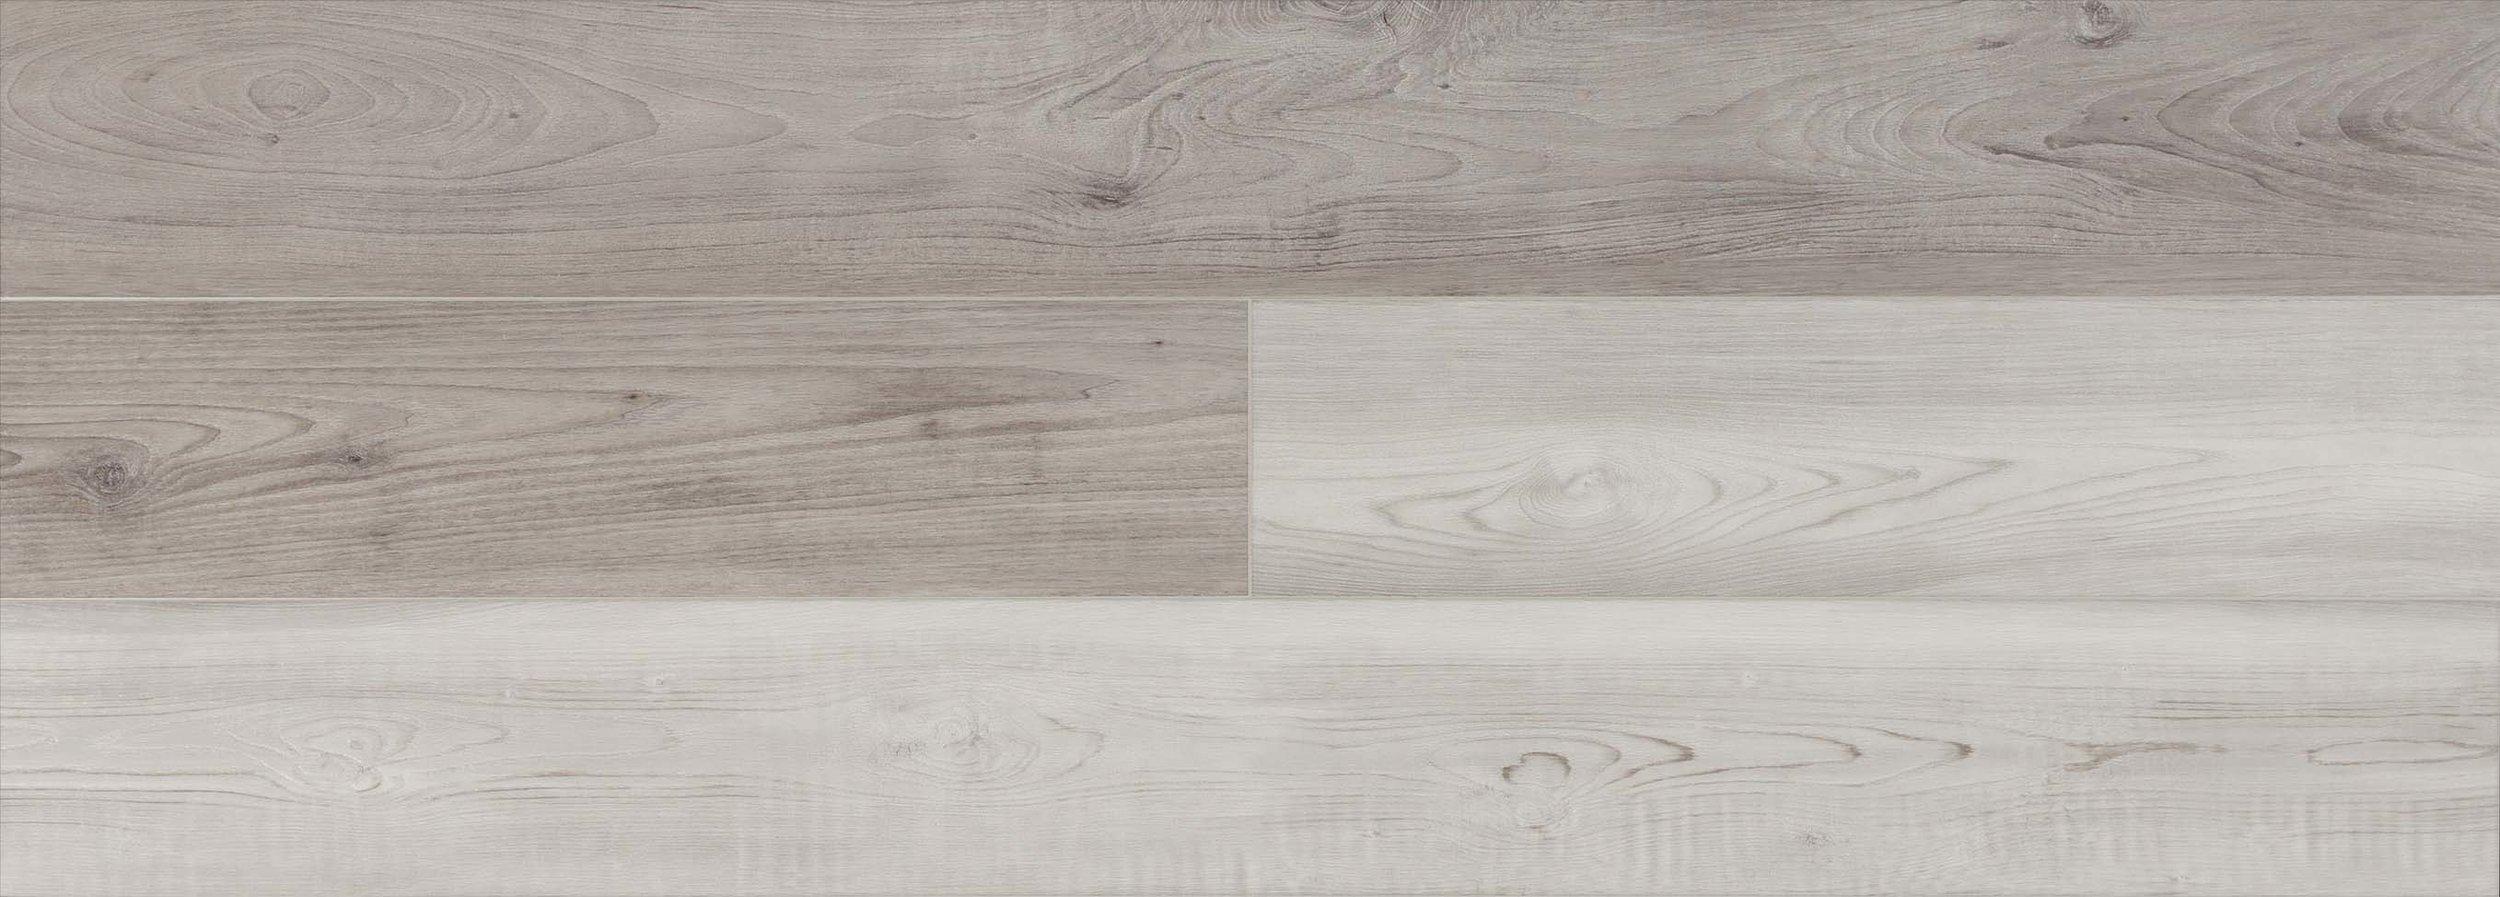 Rigidwood Elite Trafalgar 4 55 Sale Price Boardwalk Hardwood Floors